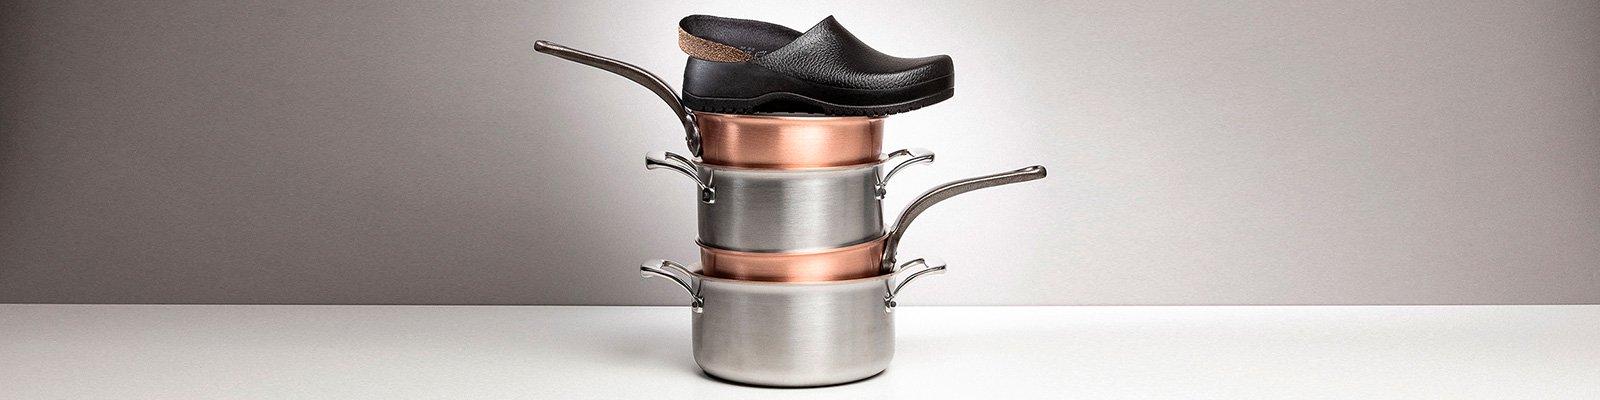 корица на професионални работни обувки BirkenStock с кухненско оборудване